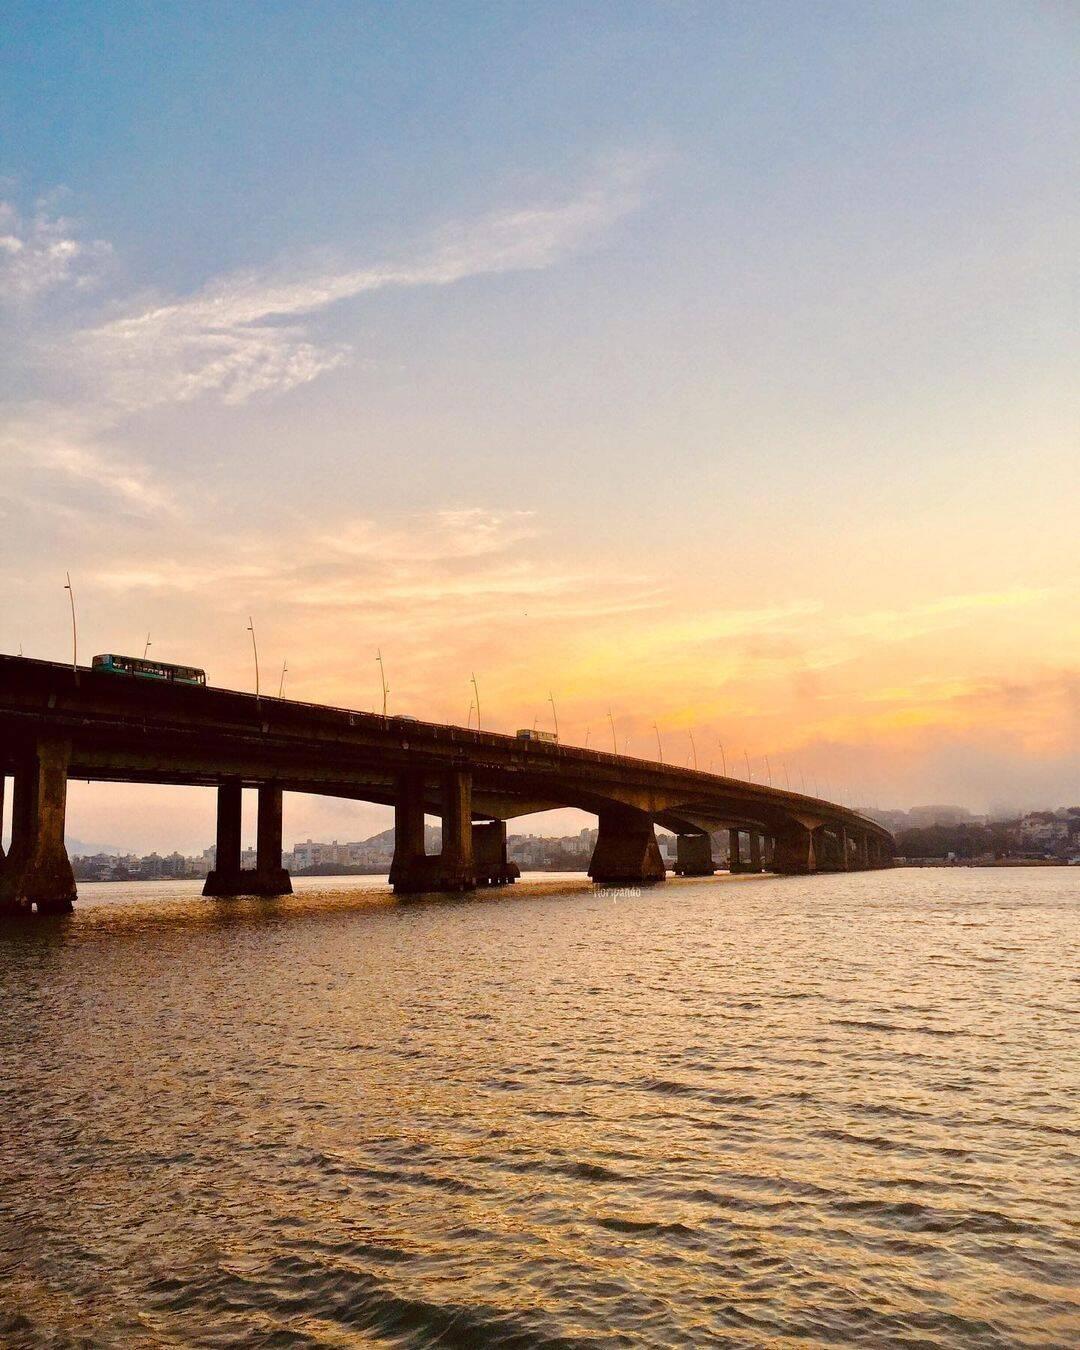 Florianópolis é uma cidade tora litorânea que pode parecer cara mas possui pontos turísticos em conta. (Foto: Instagram)